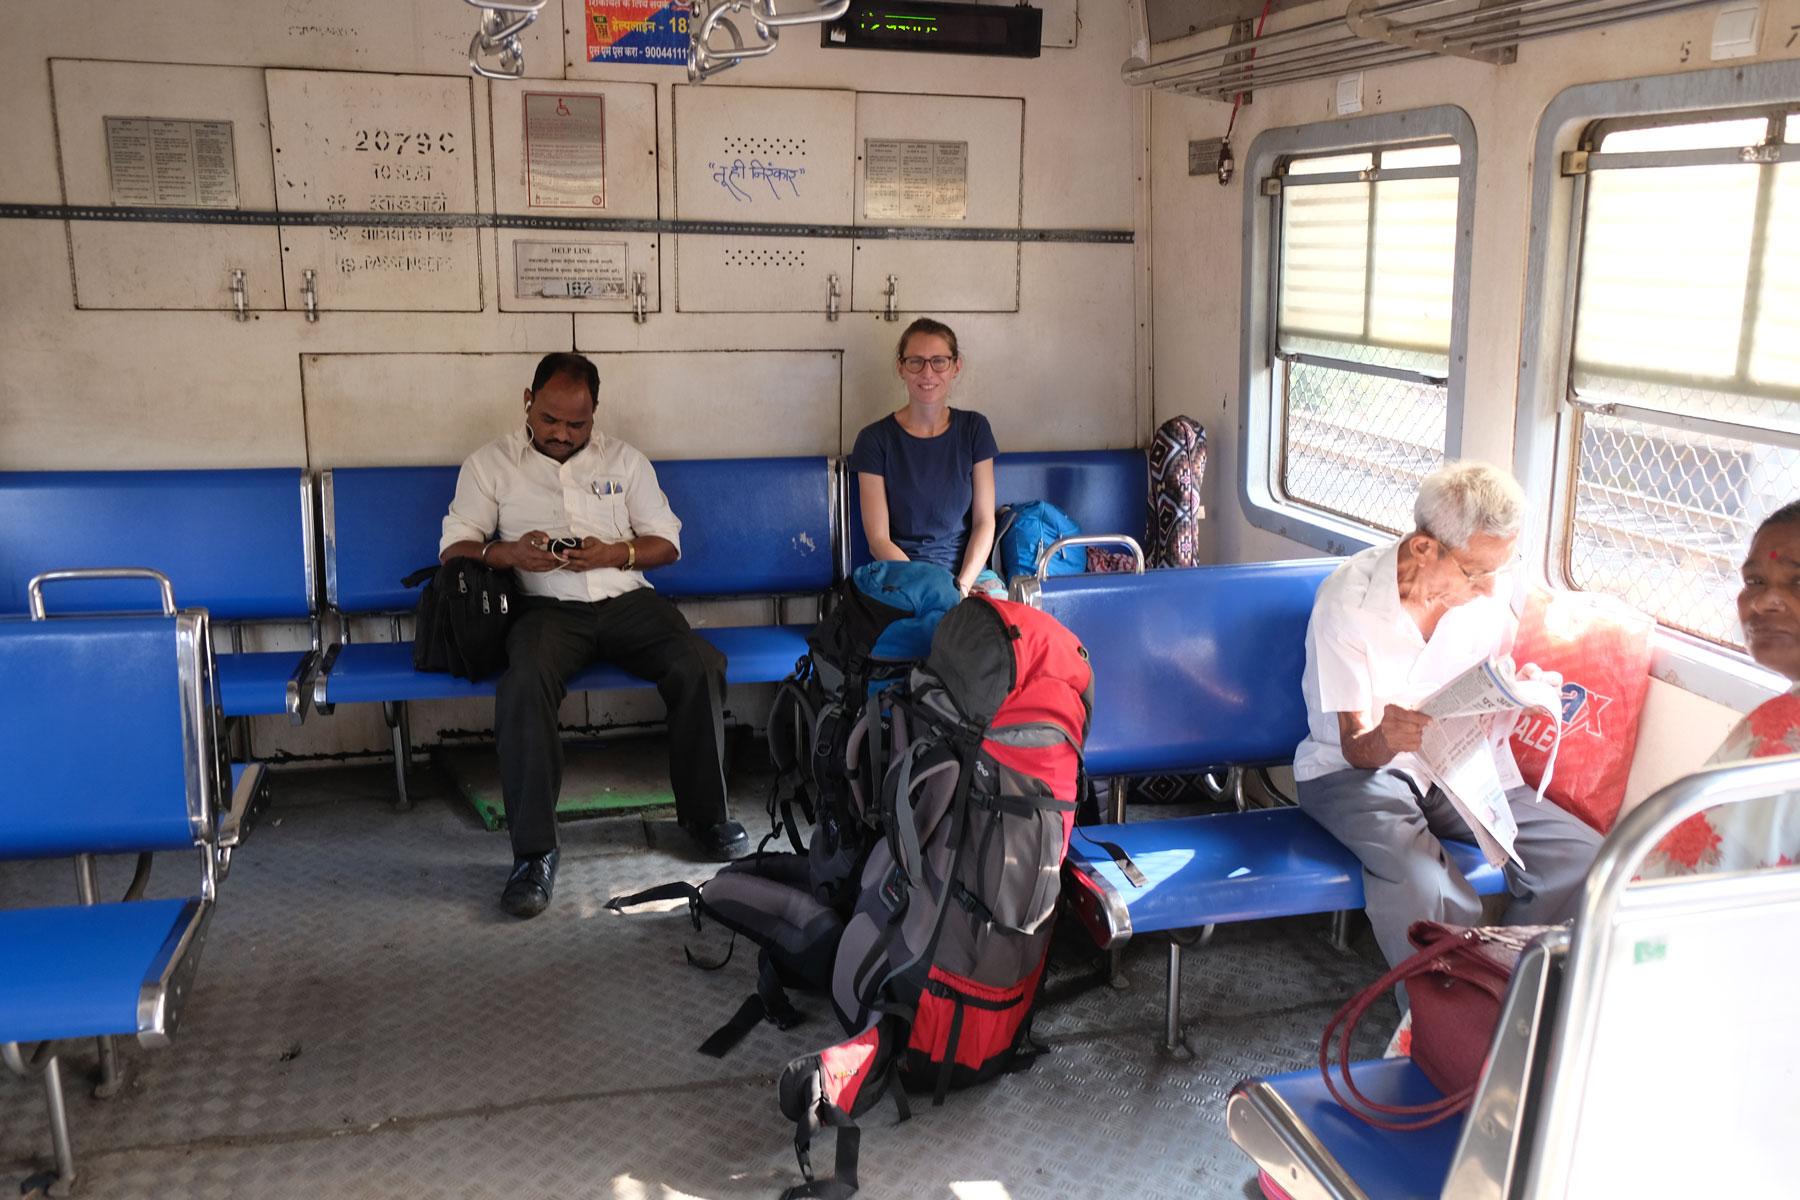 Leo mit Gepäck in einem Zug in Mumbai.